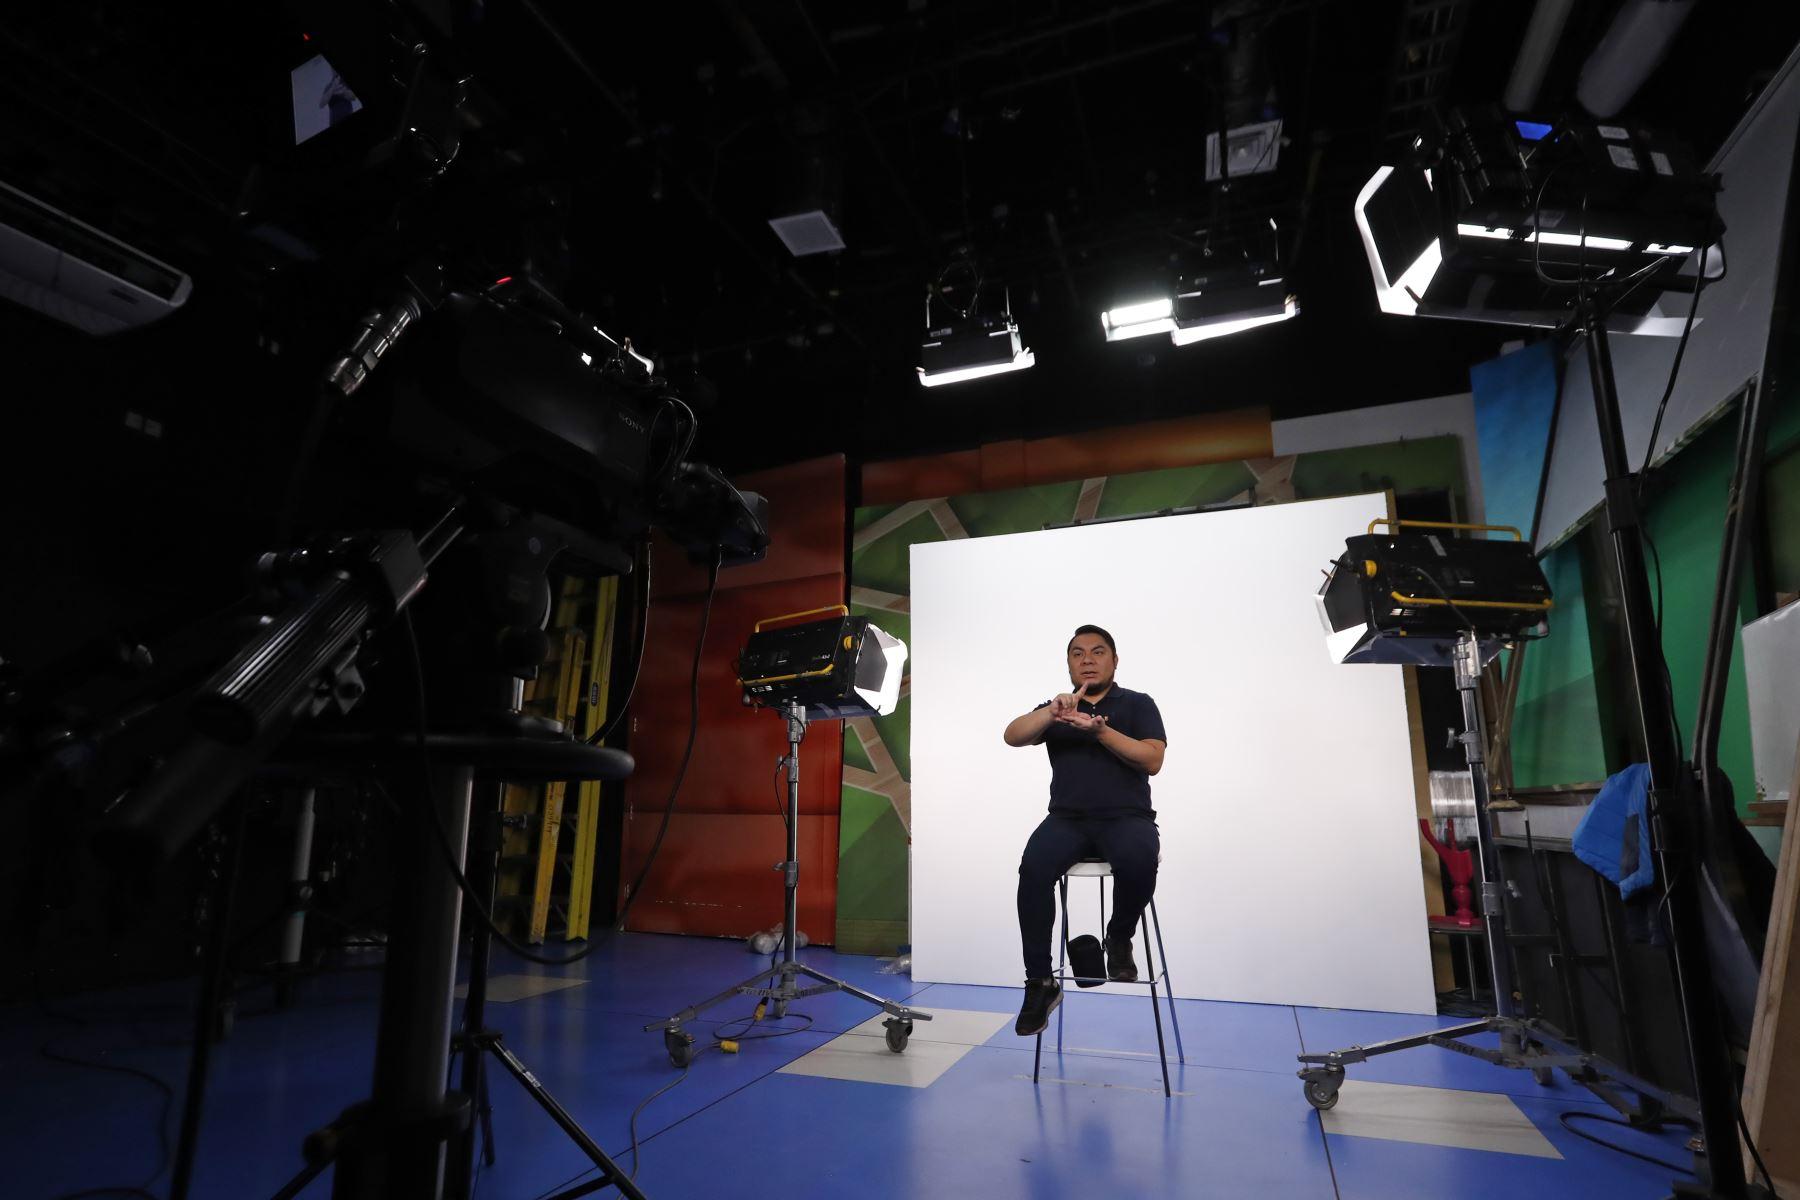 Moisés Piscoya actualmente trabaja en TV Perú y se encarga de interpretar noticieros, mensajes presidenciales y el programa educativo Aprendo en Casa. Foto: ANDINA/Presidencia/Renato Pajuelo